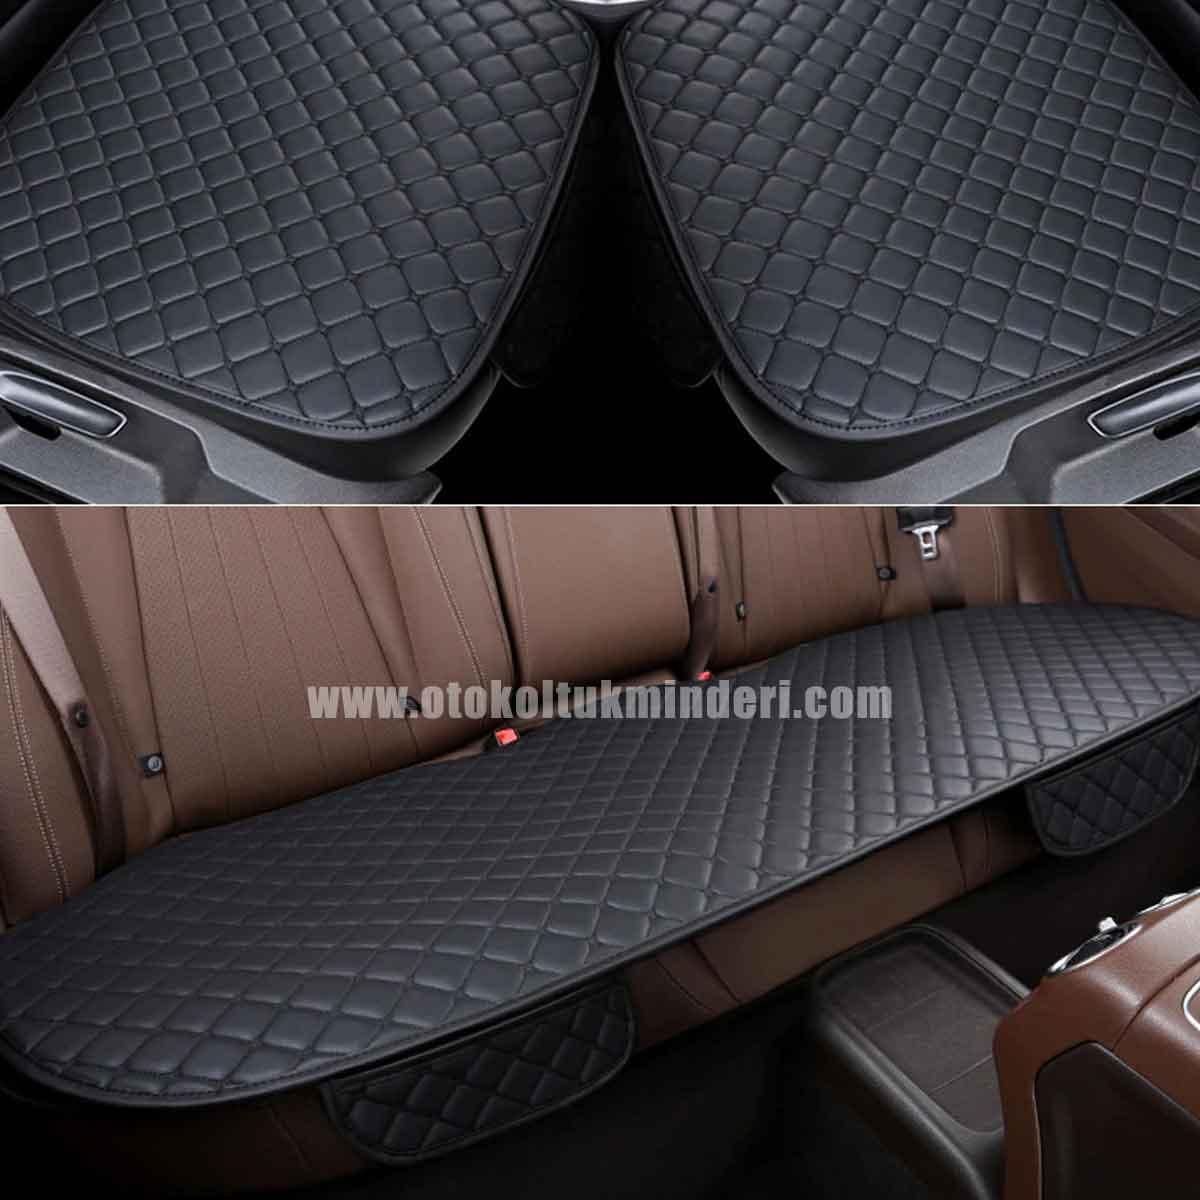 Kia koltuk kılıfı deri - Kia Koltuk minderi Siyah Deri Cepli